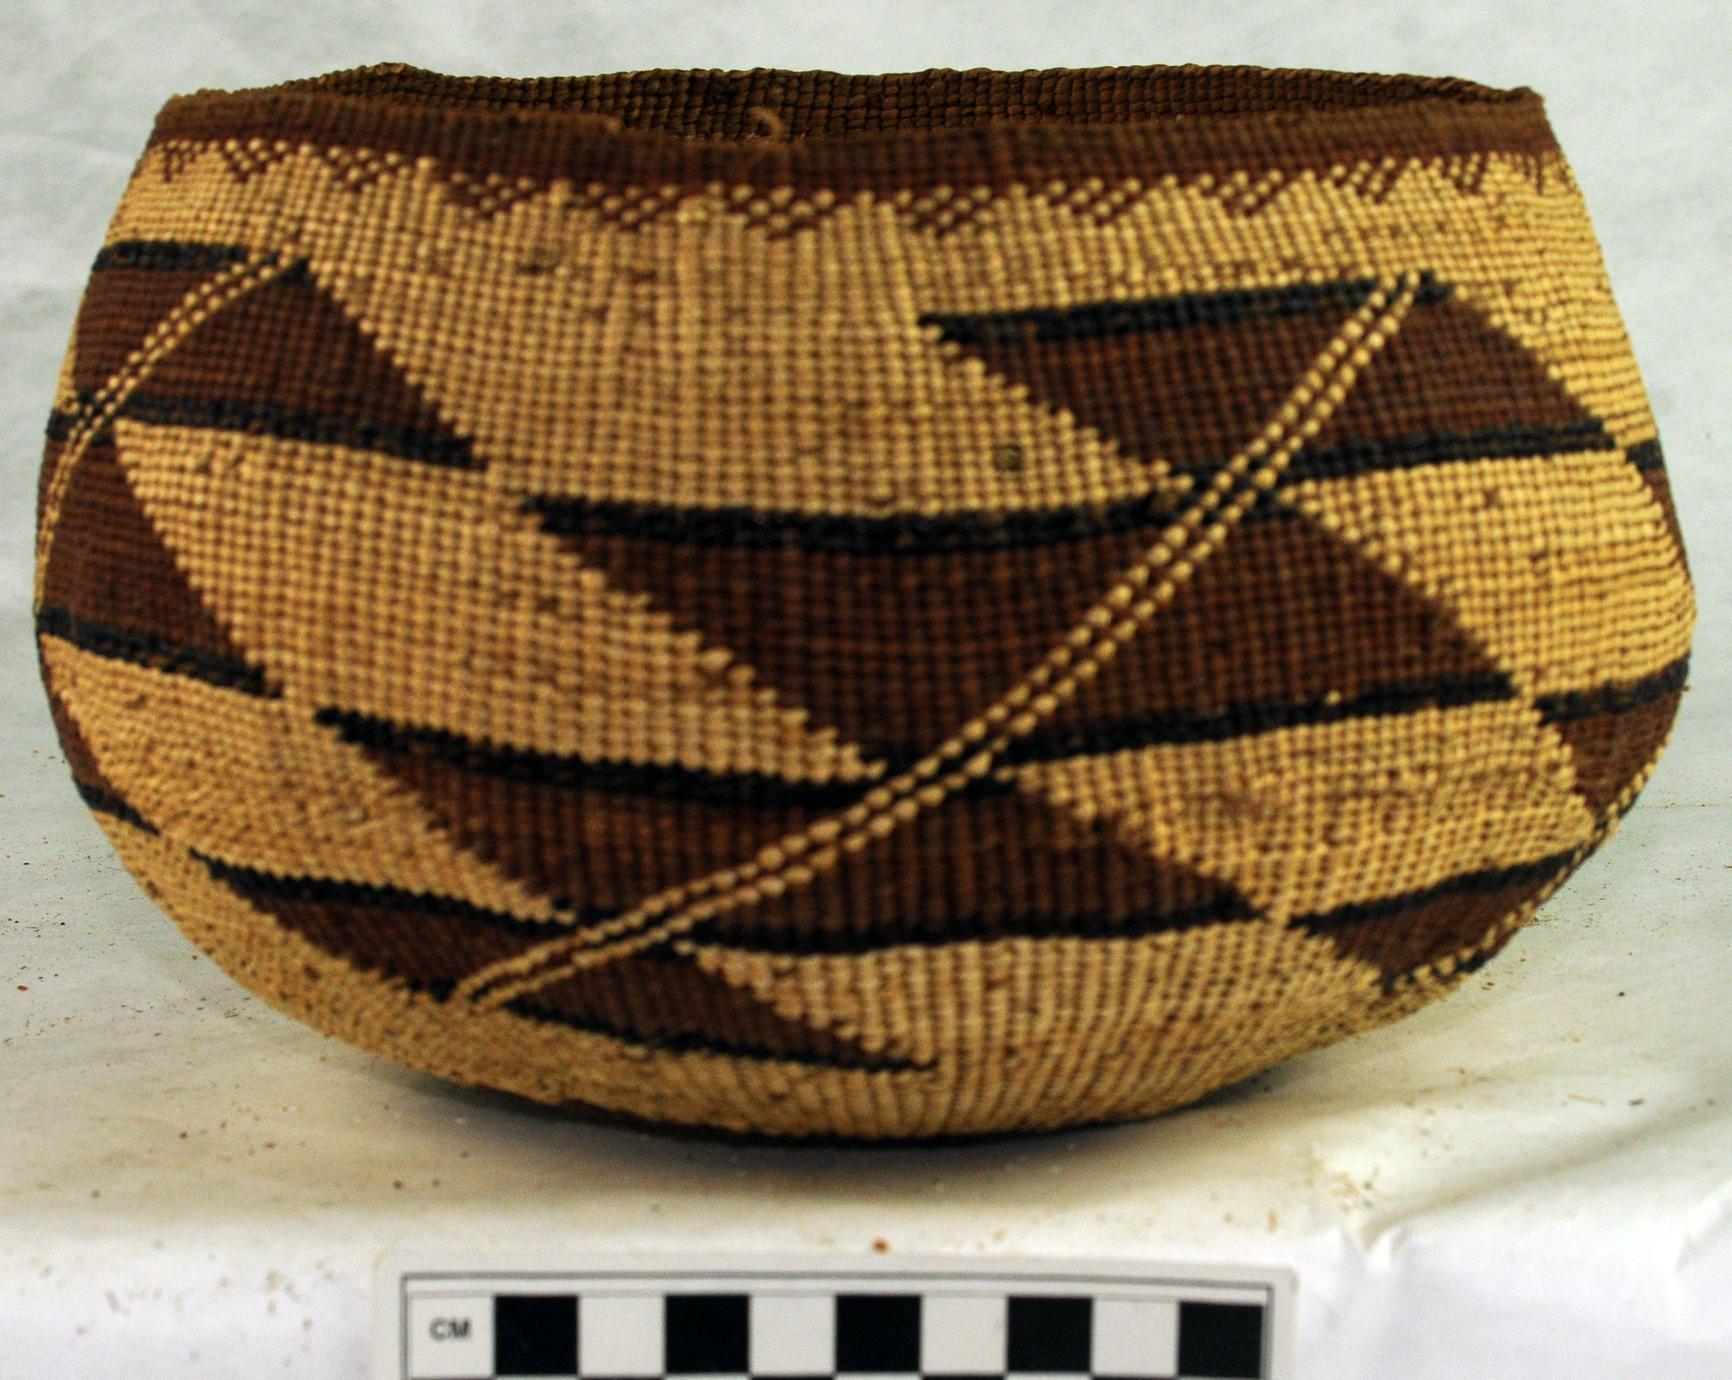 Basket (1 of 4)